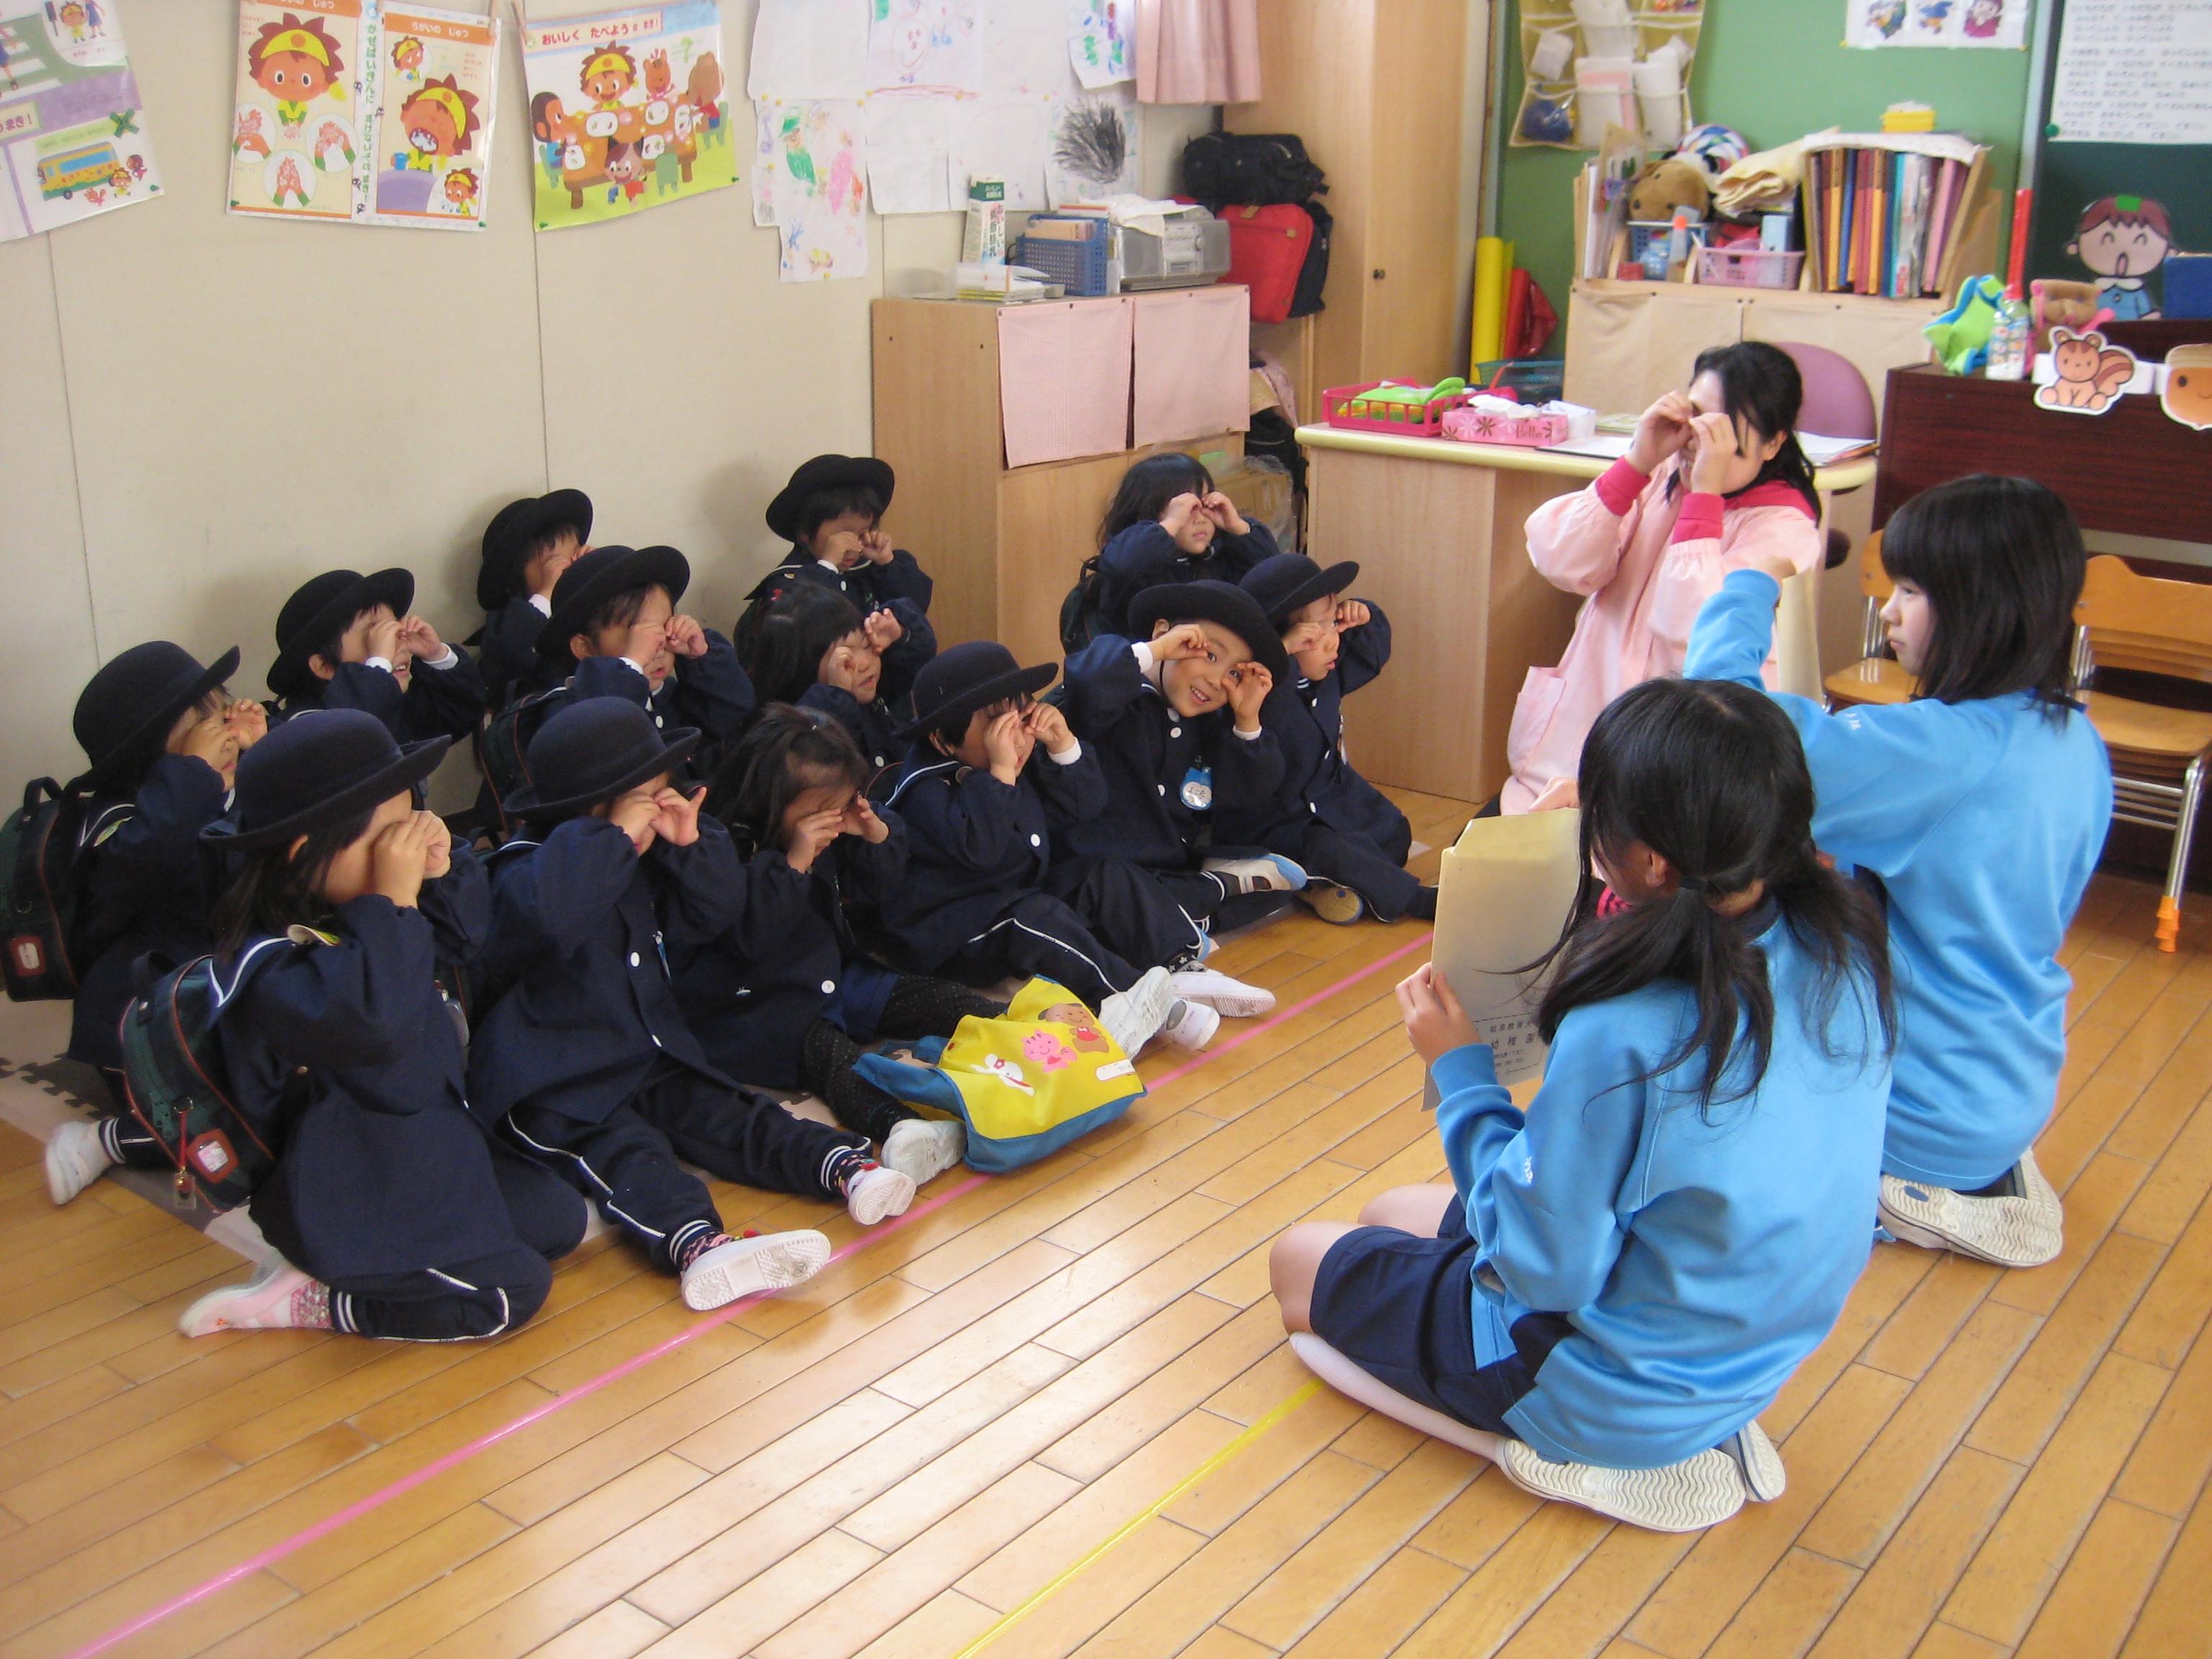 中学生の職場体験 : デイリースナップで見る学びのポイント - 岐阜聖徳学園大学附属幼稚園